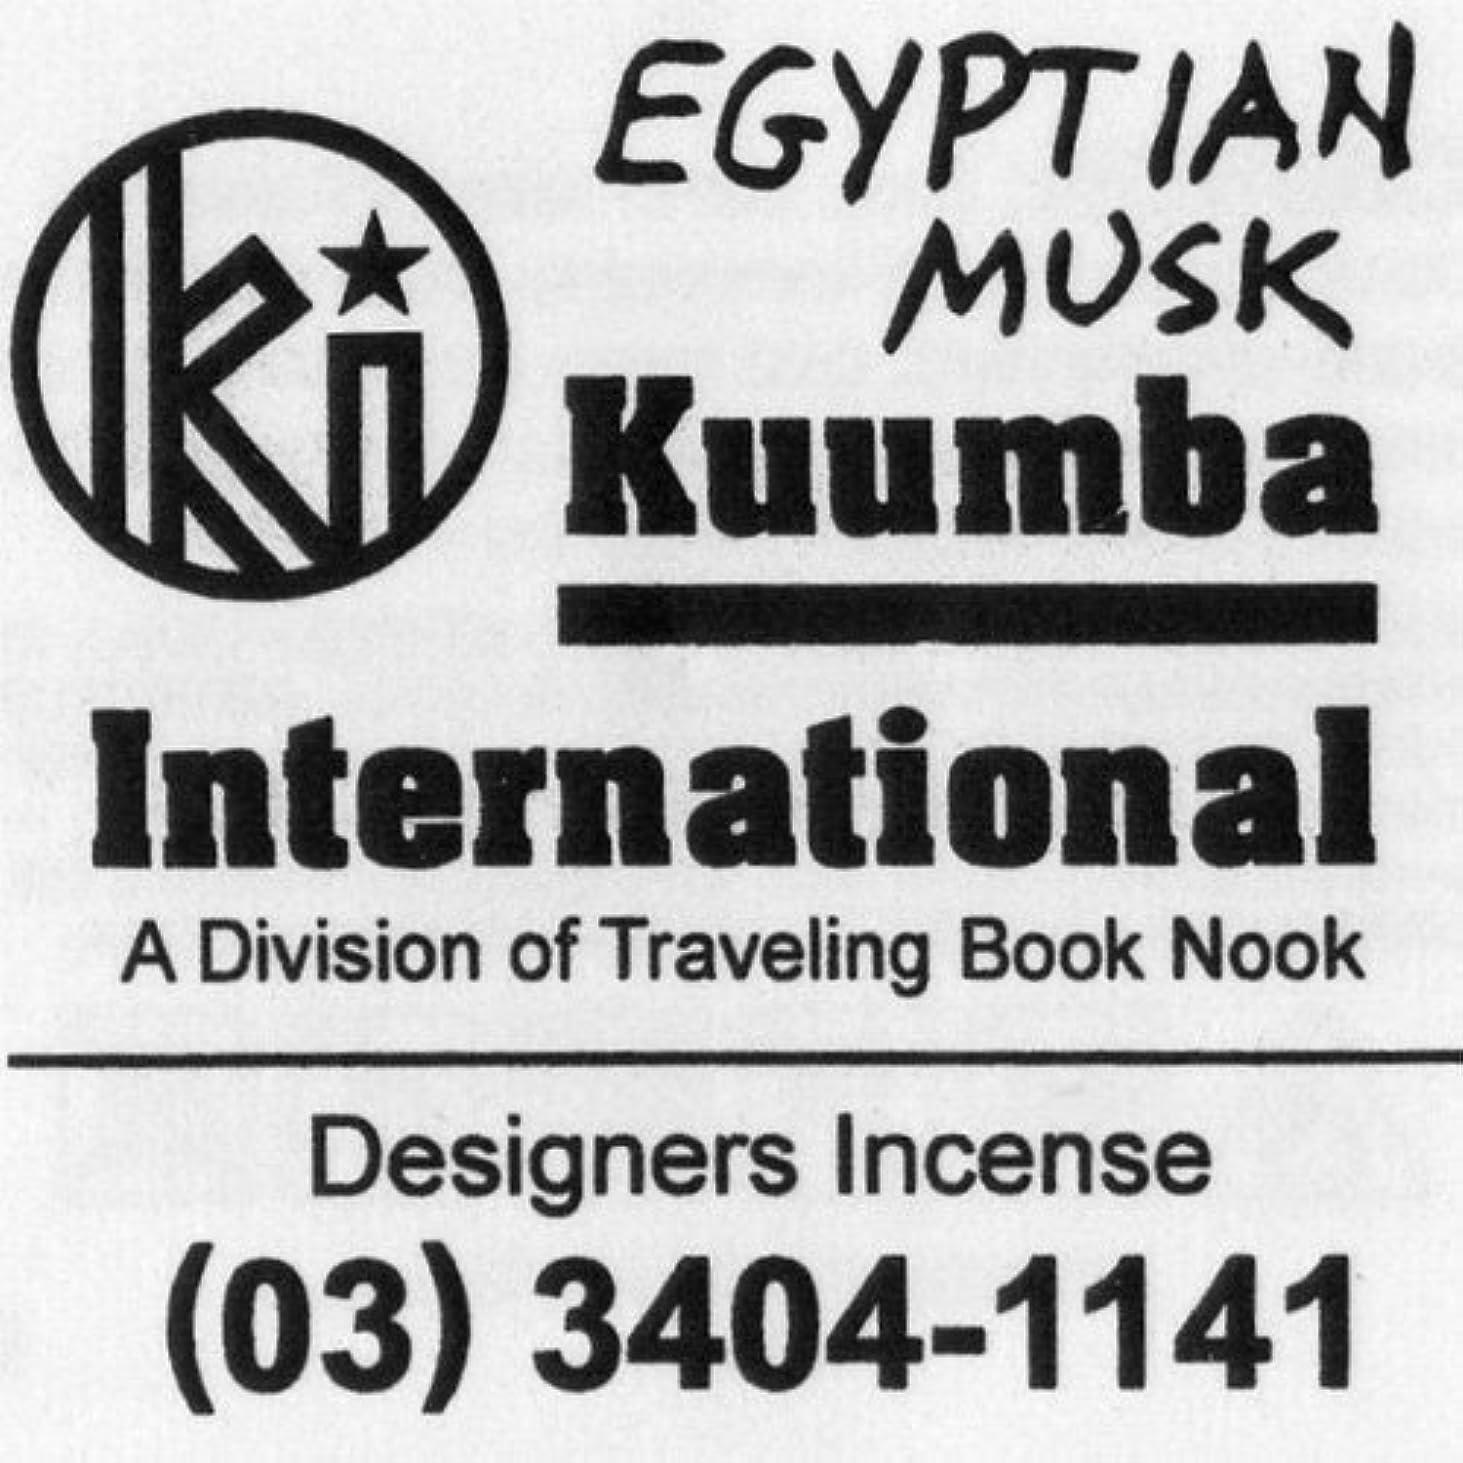 裏切りアベニュー遅らせるKUUMBA / クンバ『incense』(EGYPTIAN MUSK) (Regular size)